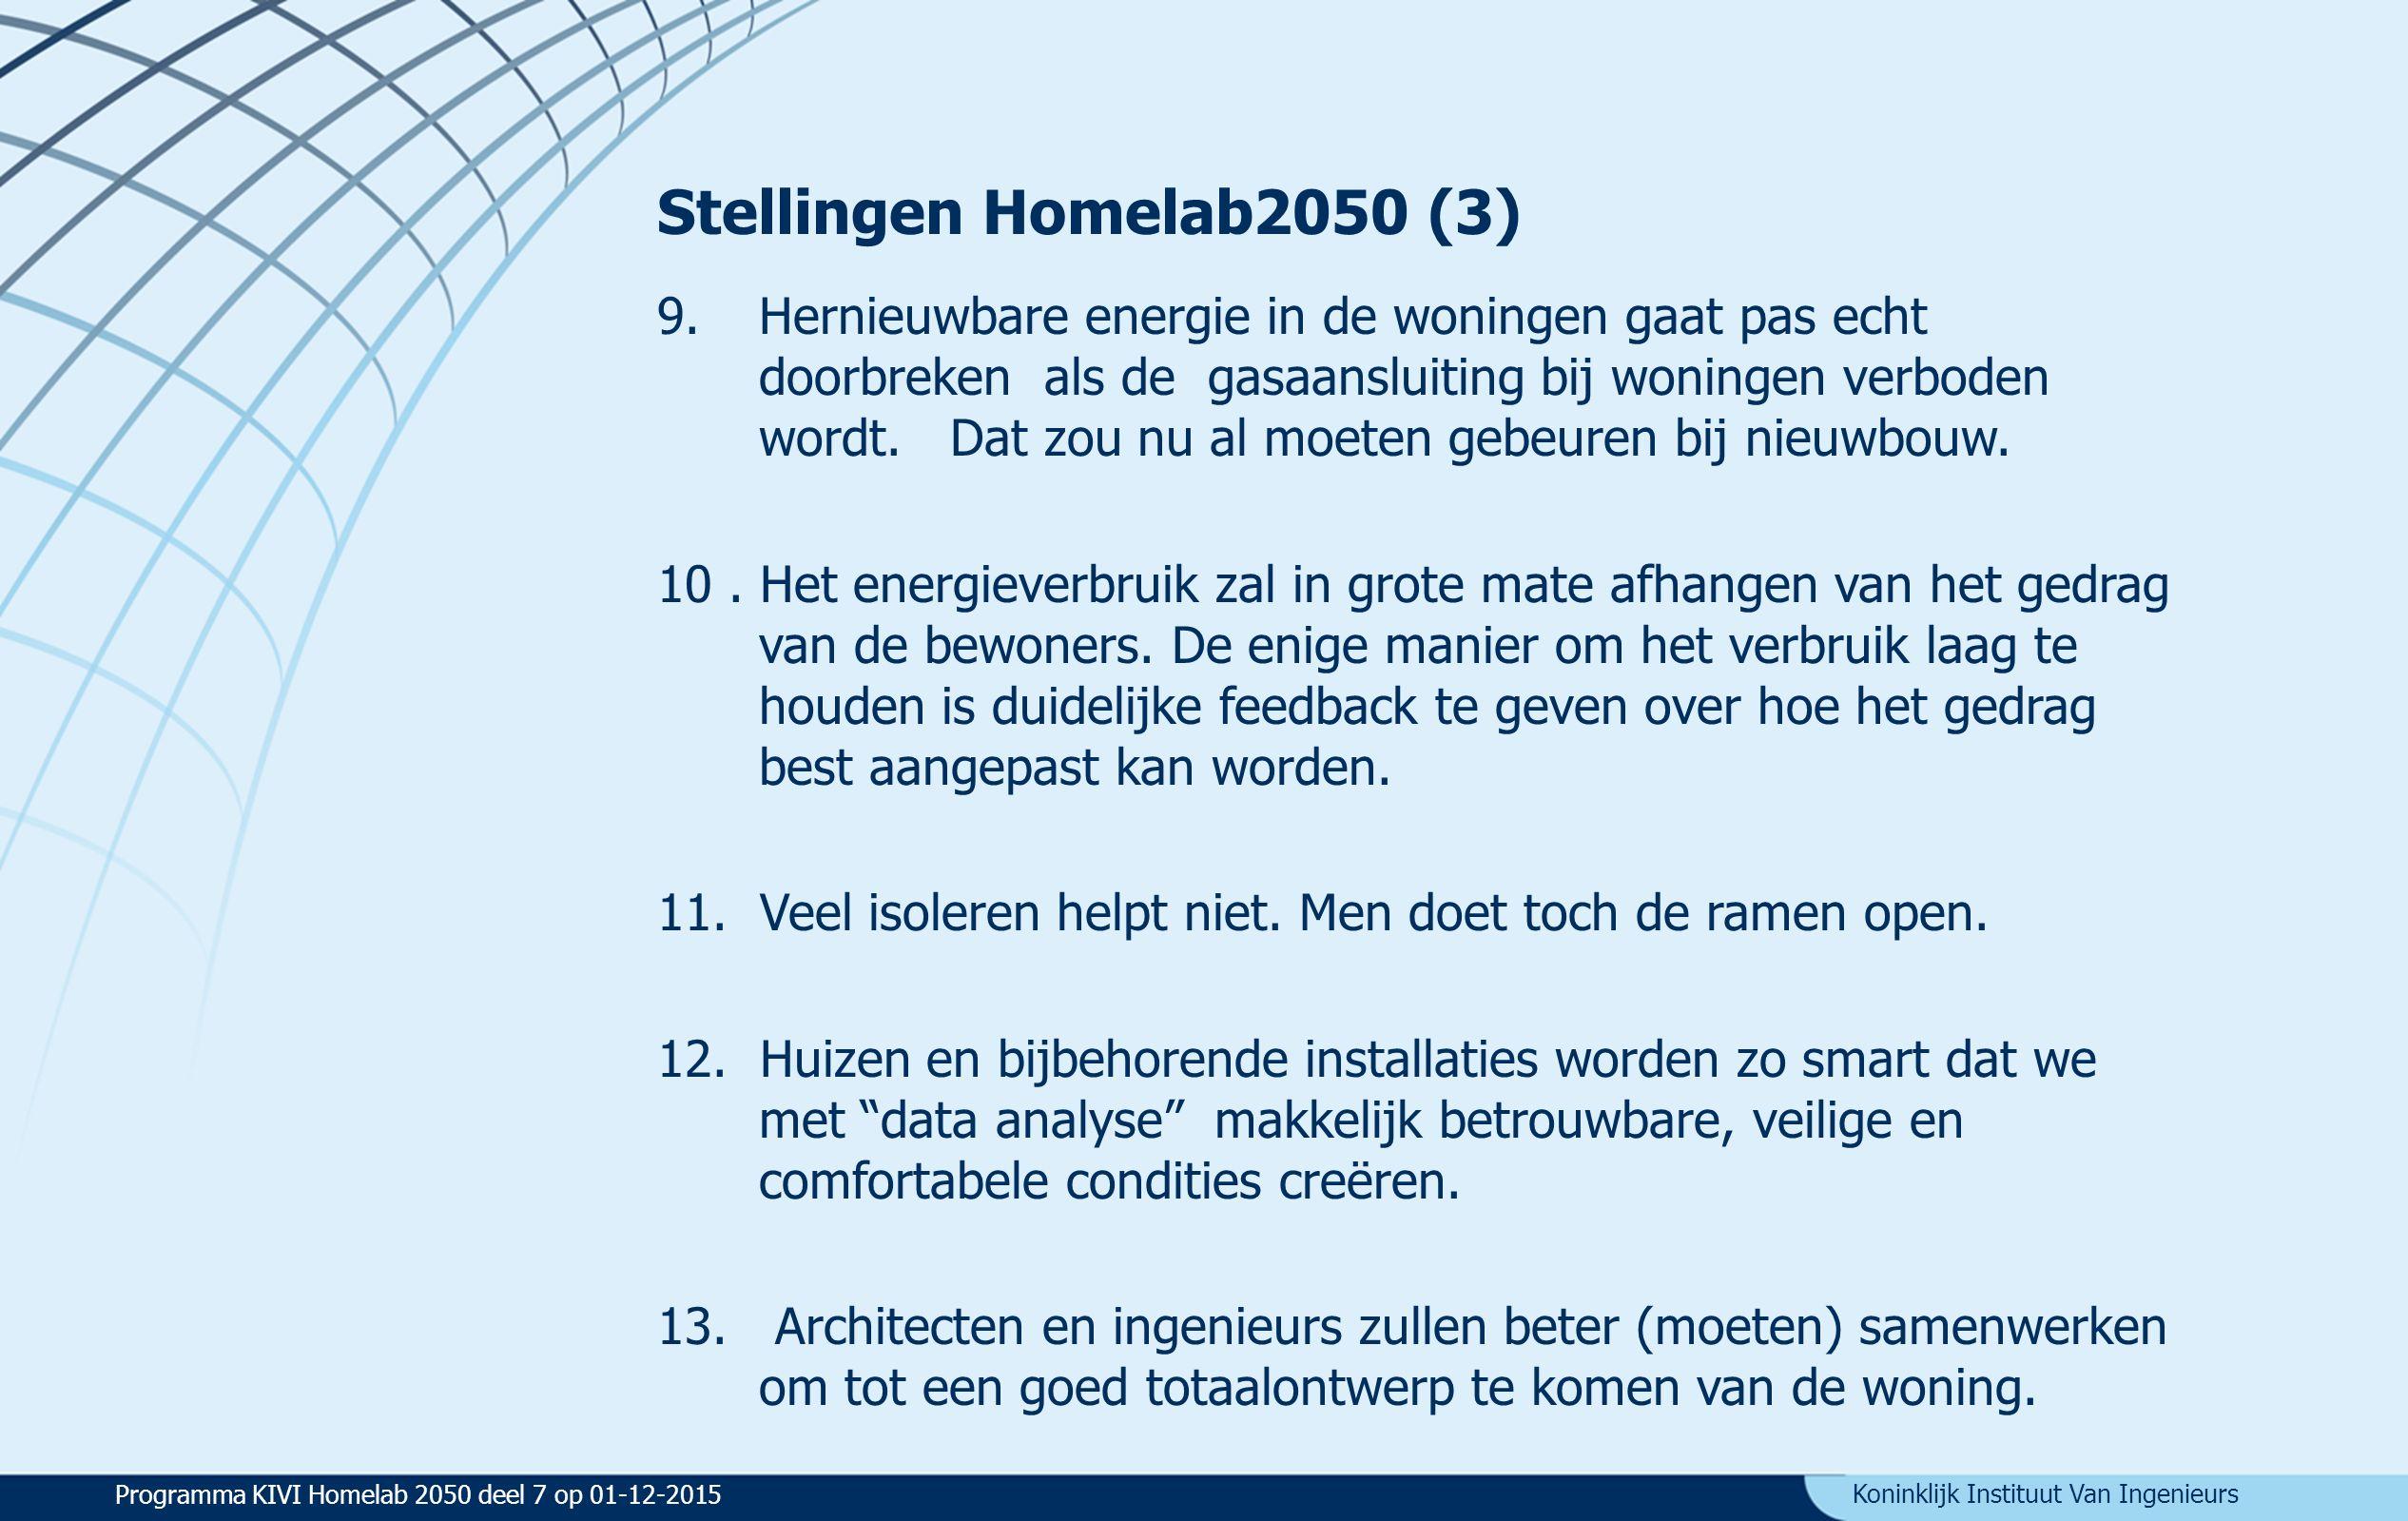 Koninklijk Instituut Van Ingenieurs Stellingen Homelab2050 (3) 9.Hernieuwbare energie in de woningen gaat pas echt doorbreken als de gasaansluiting bij woningen verboden wordt.